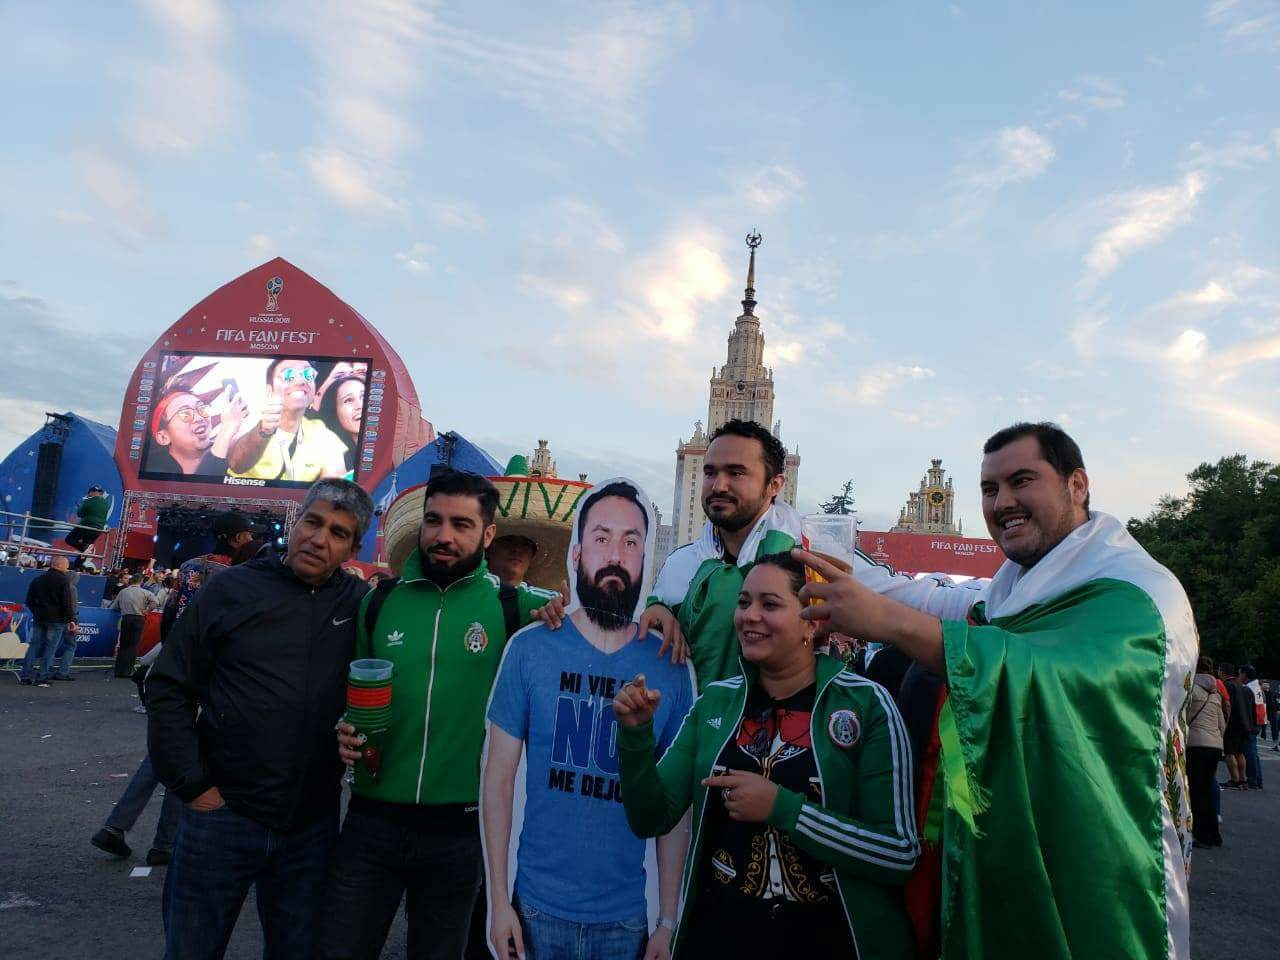 Mexicaan mag van vrouw niet naar WK vriendengroep verzint iets briljants 03